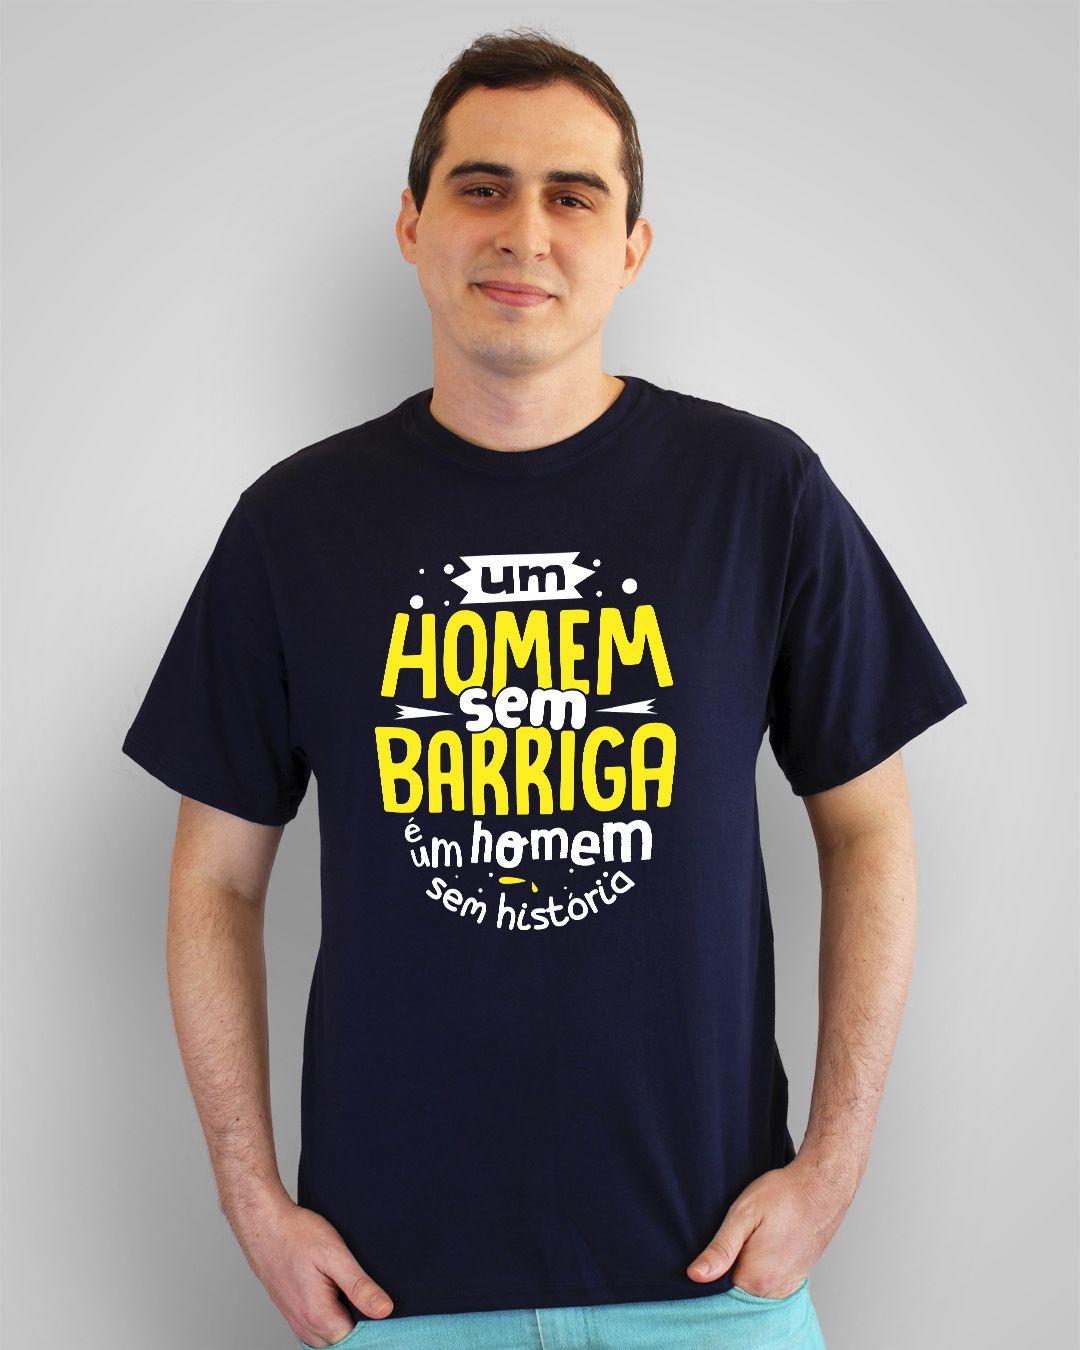 Camiseta Um homem sem barriga é um homem sem história